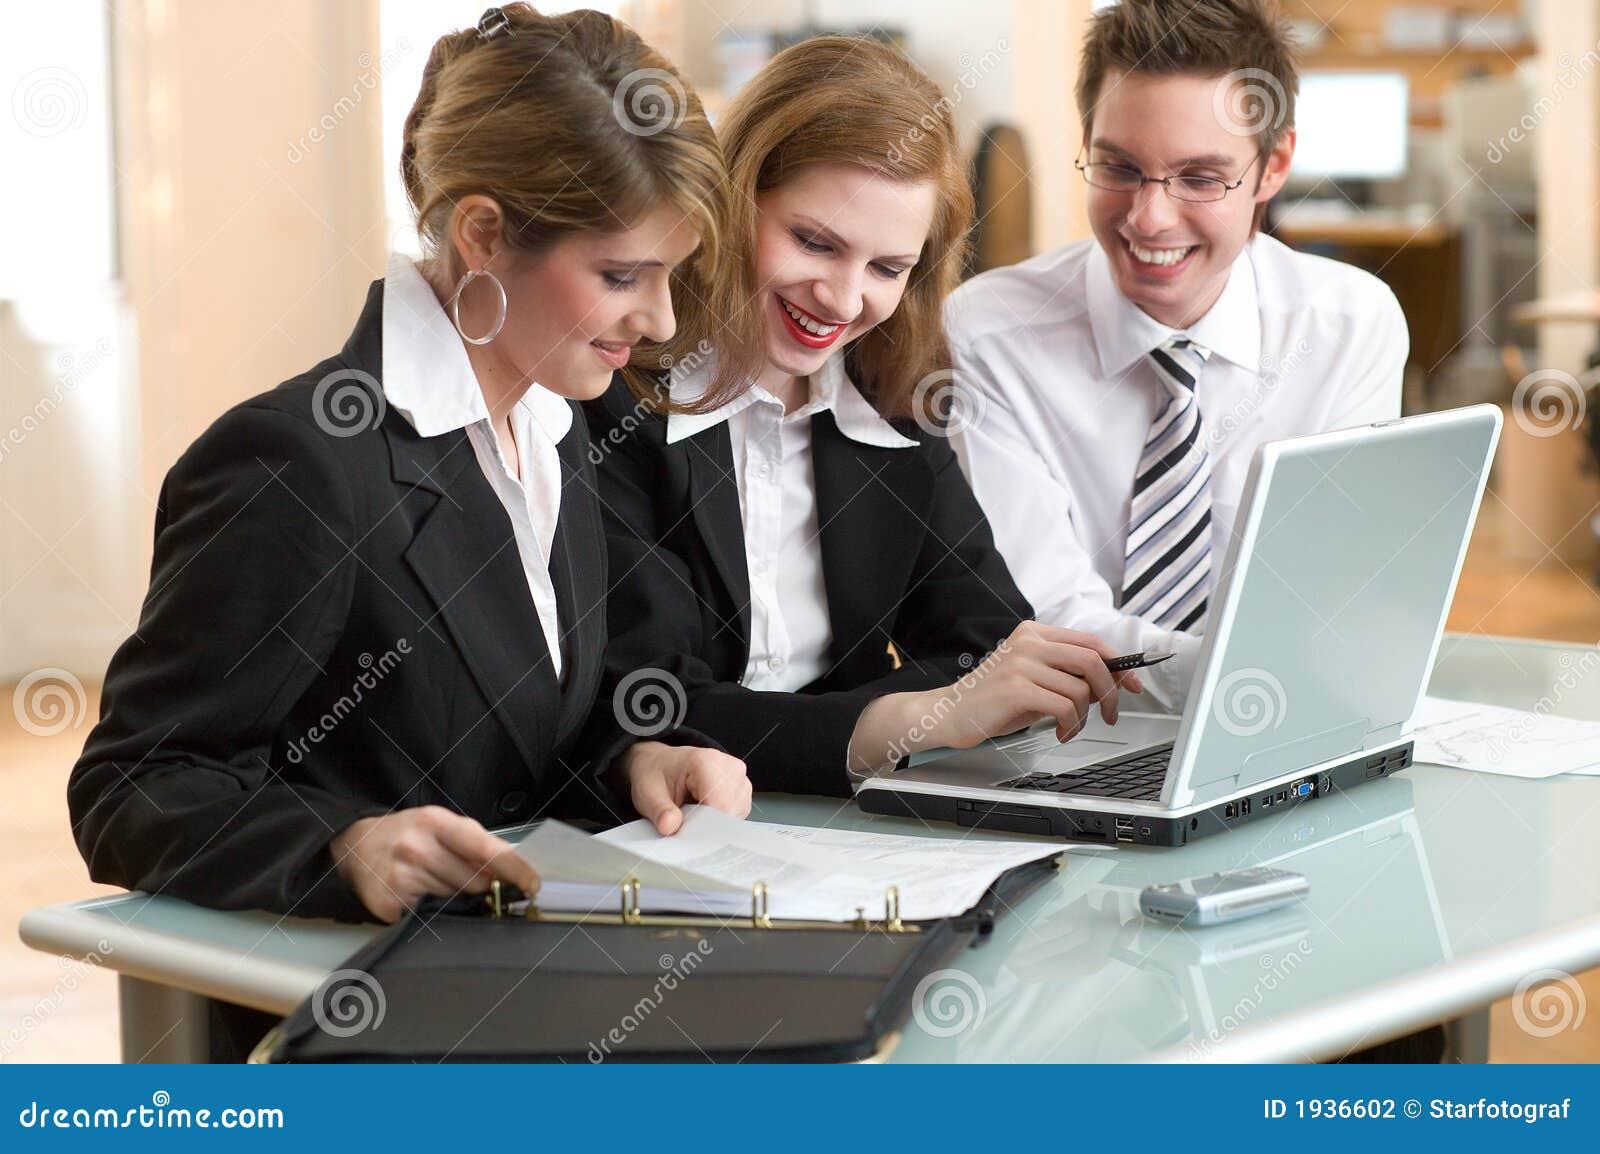 Businessteam bei der Arbeit im Büro